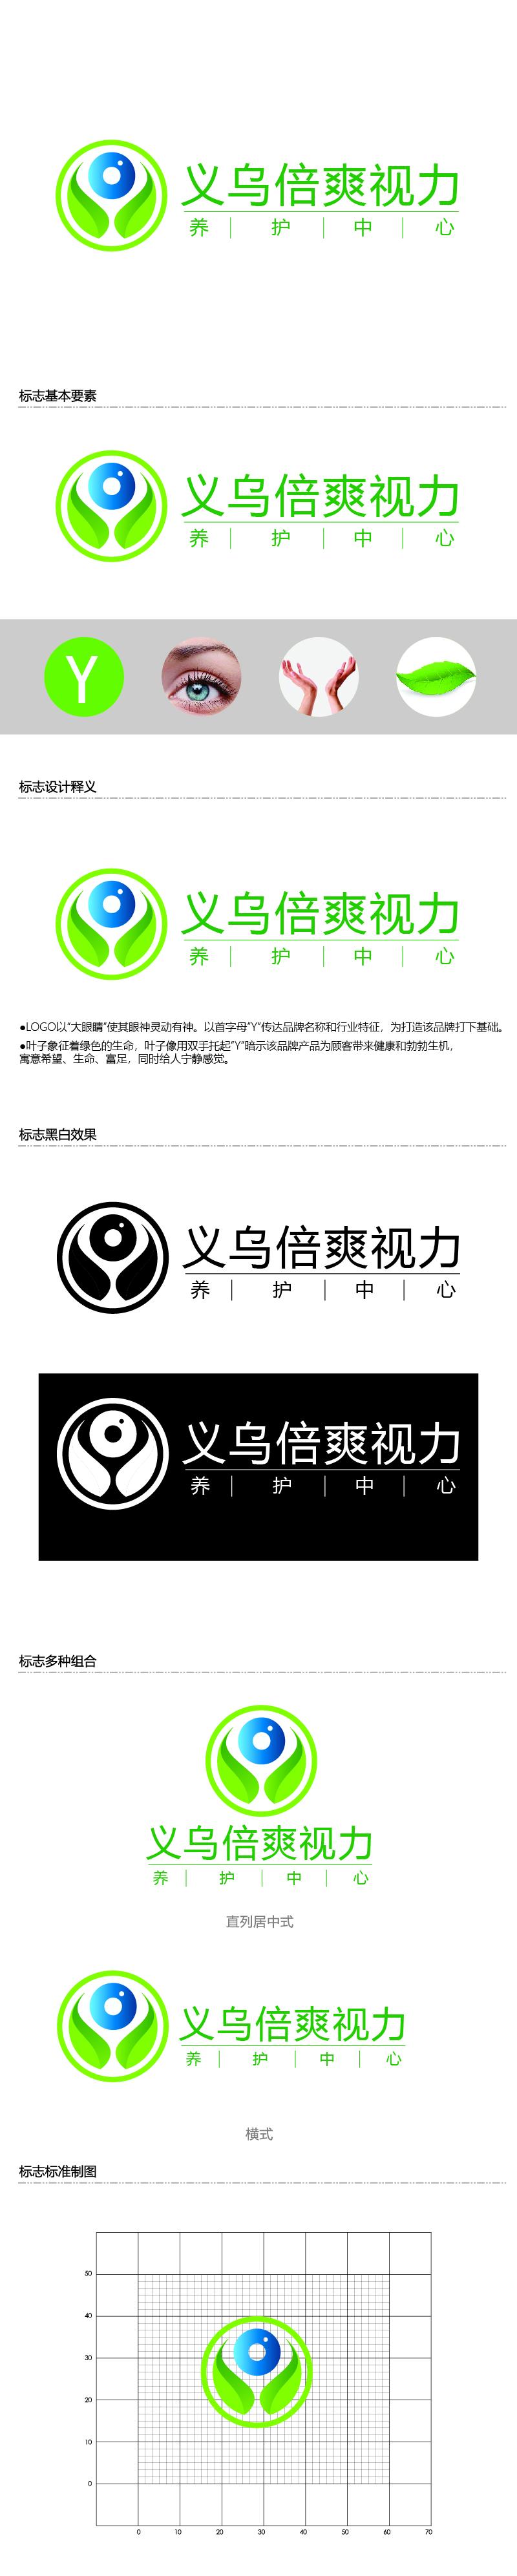 义乌倍爽视力养护中心logo设计_2995461_k68威客网